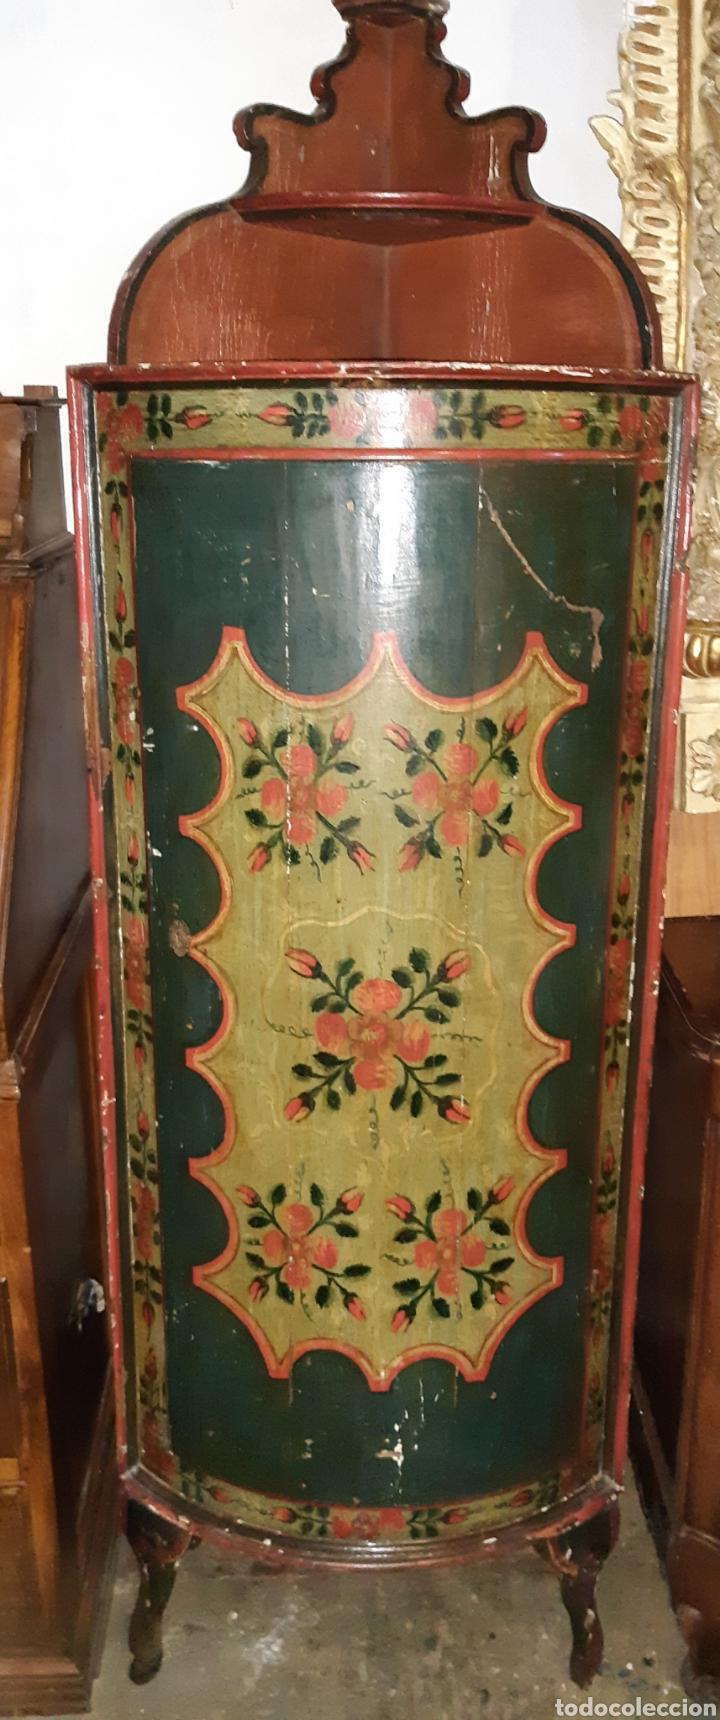 RINCONERA PINTADA (Antigüedades - Muebles Antiguos - Armarios Antiguos)